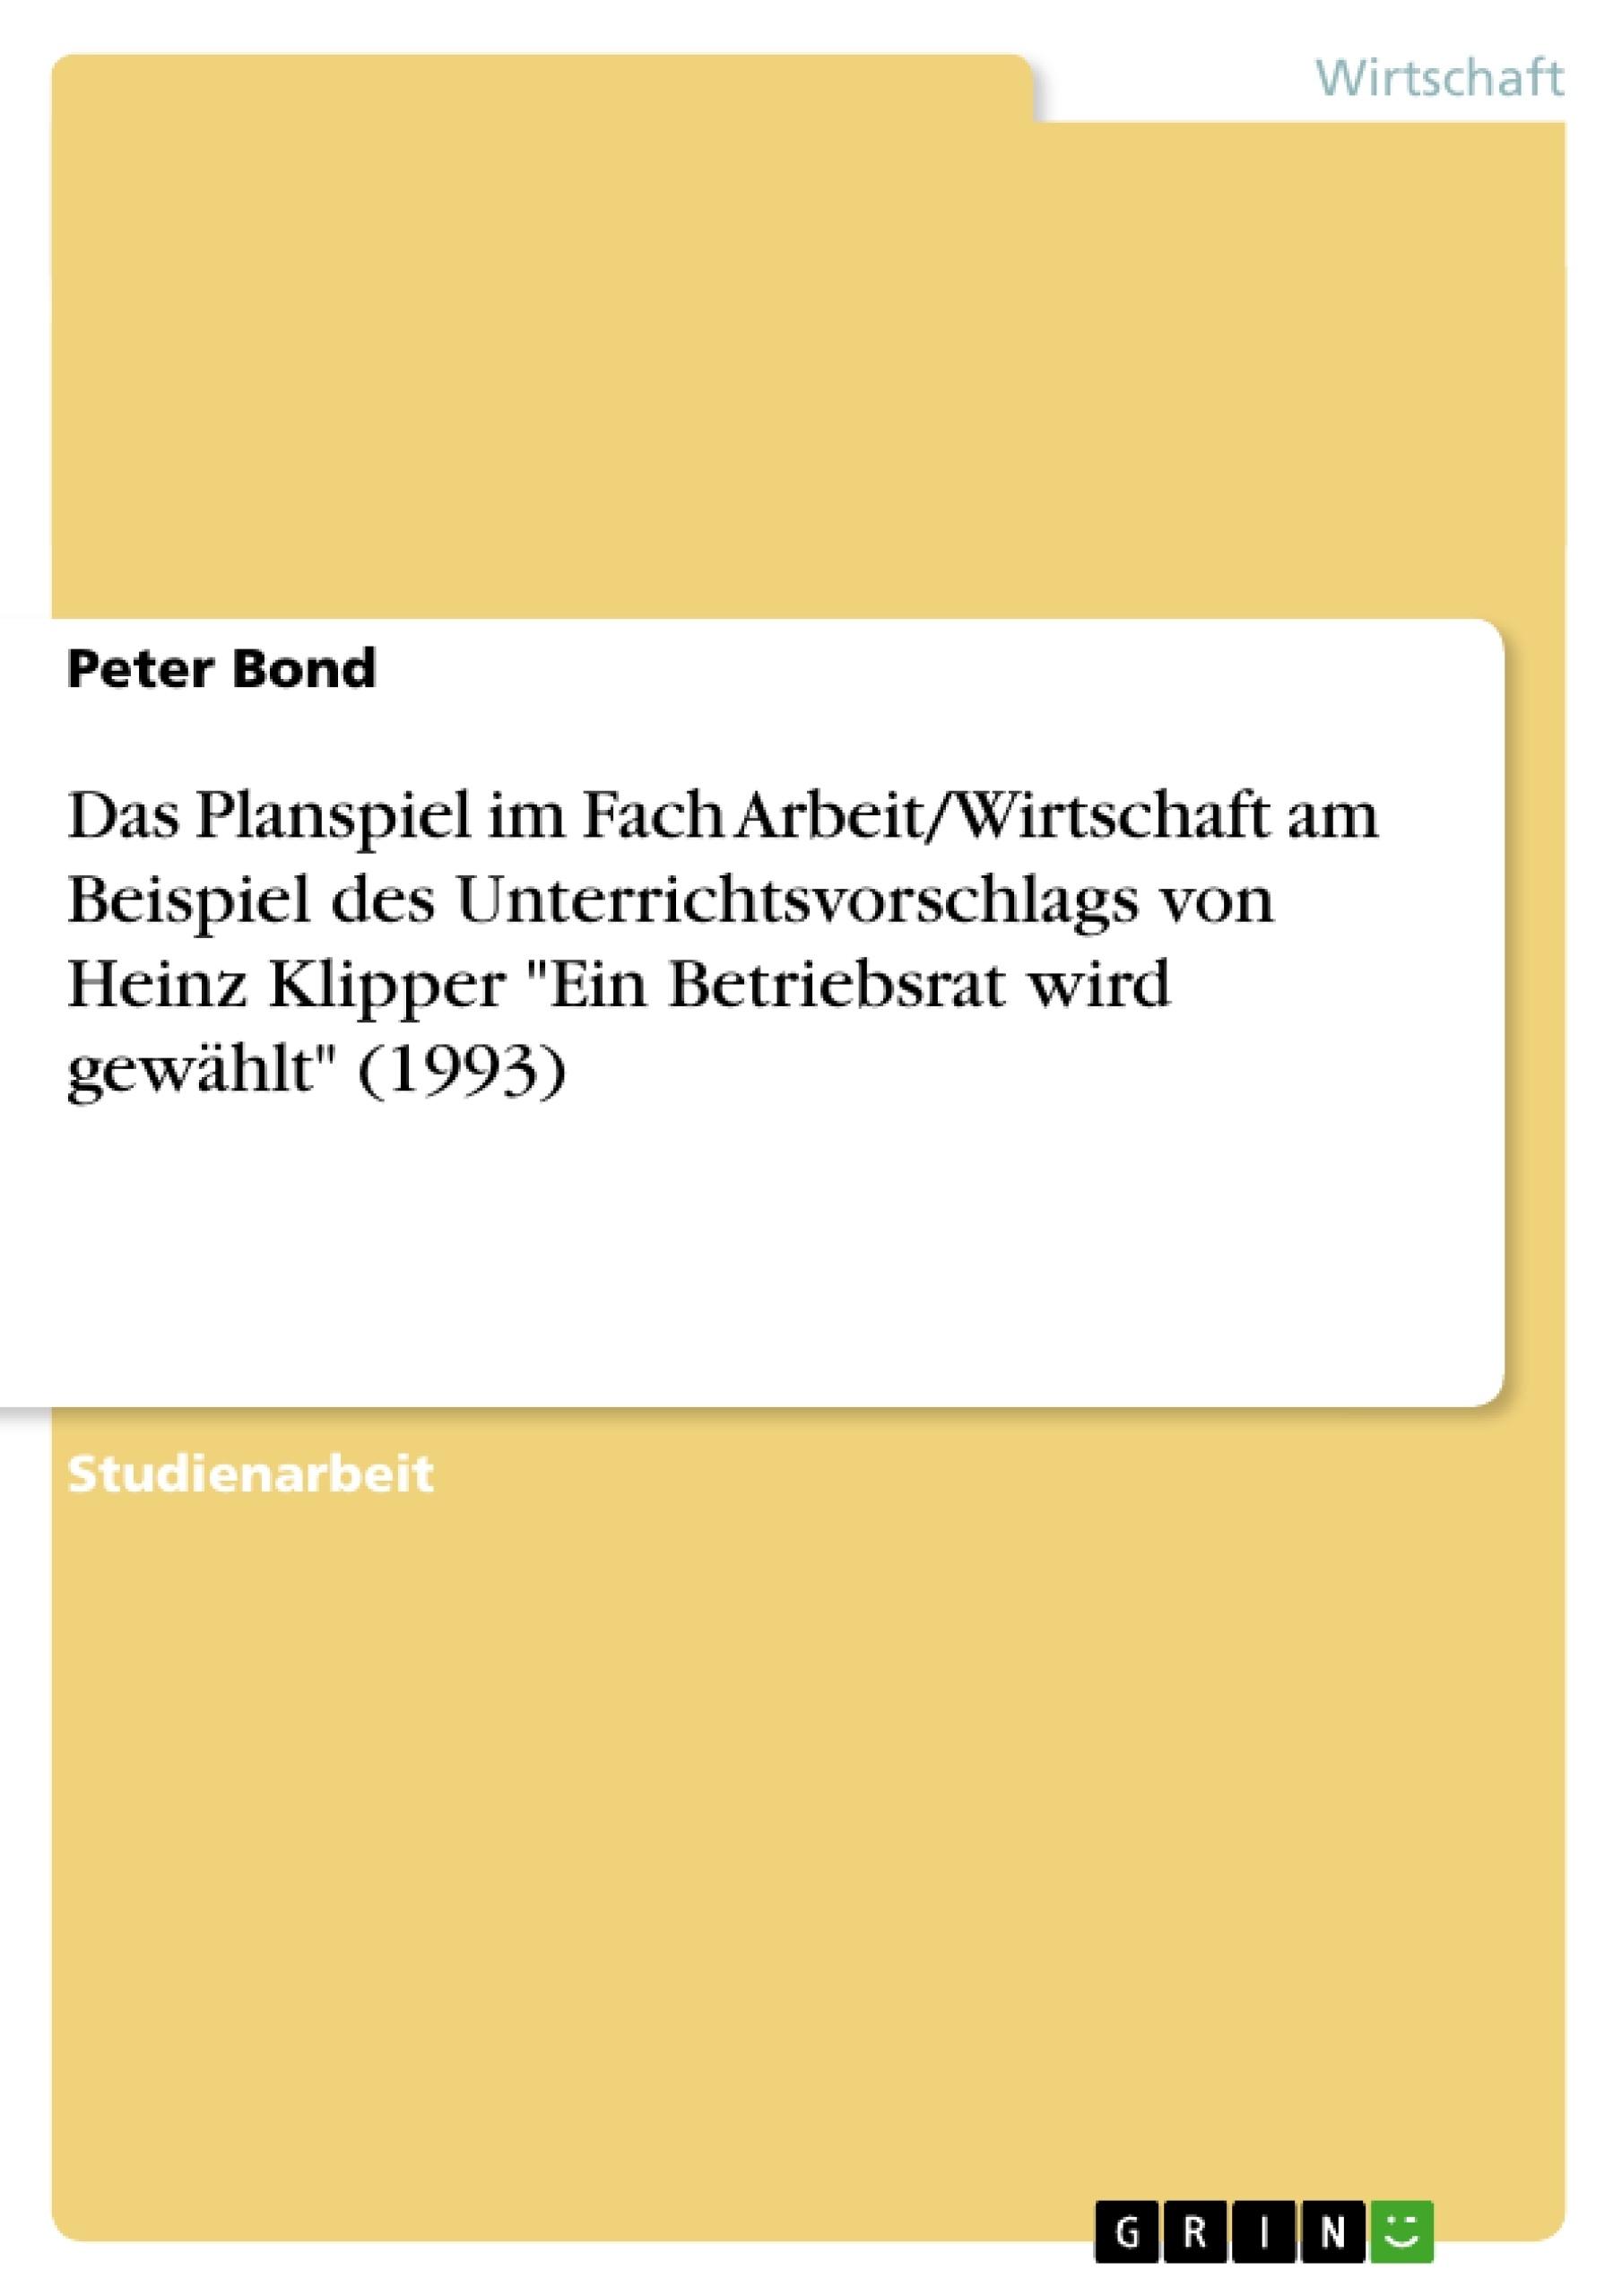 """Titel: Das Planspiel im Fach Arbeit/Wirtschaft am Beispiel des Unterrichtsvorschlags von Heinz Klipper """"Ein Betriebsrat wird gewählt"""" (1993)"""